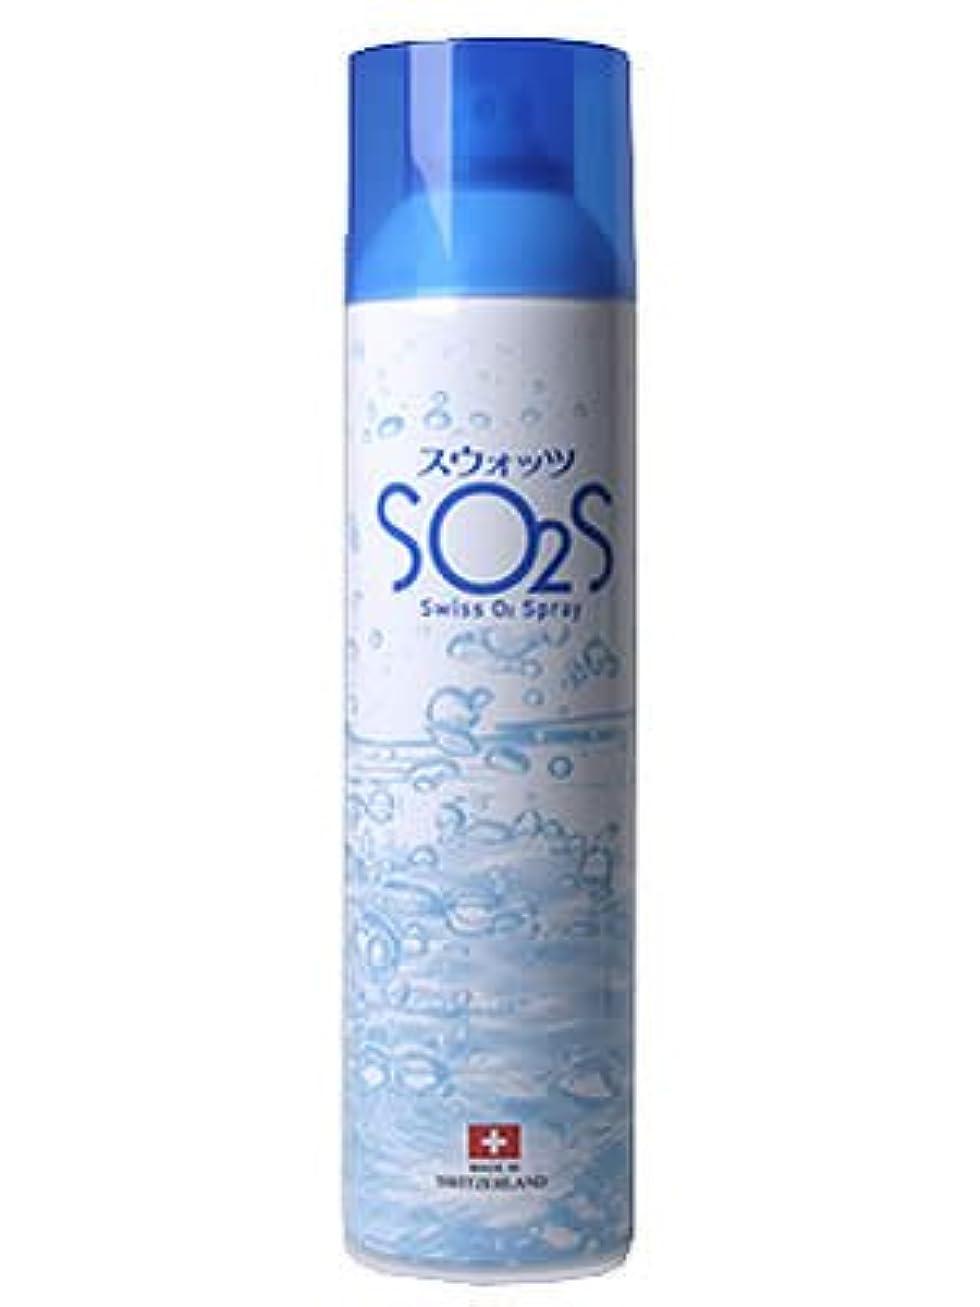 故国肝ボトルネックヴァリュゲイツ SO2S(スウォッツ) 300ml